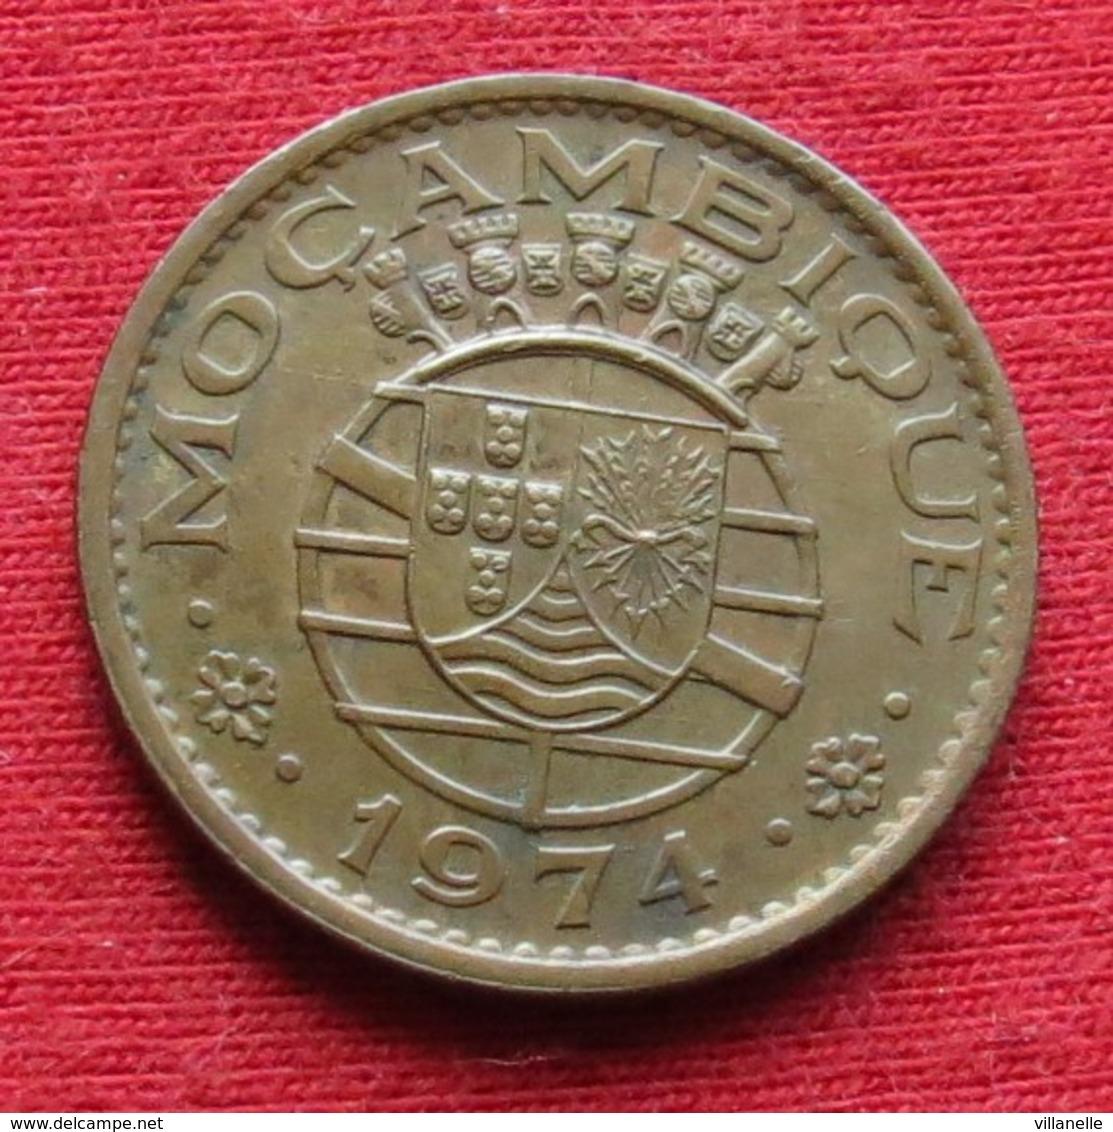 Mozambique 50 Centavos 1974 Mozambico Moçambique Wº - Mozambique